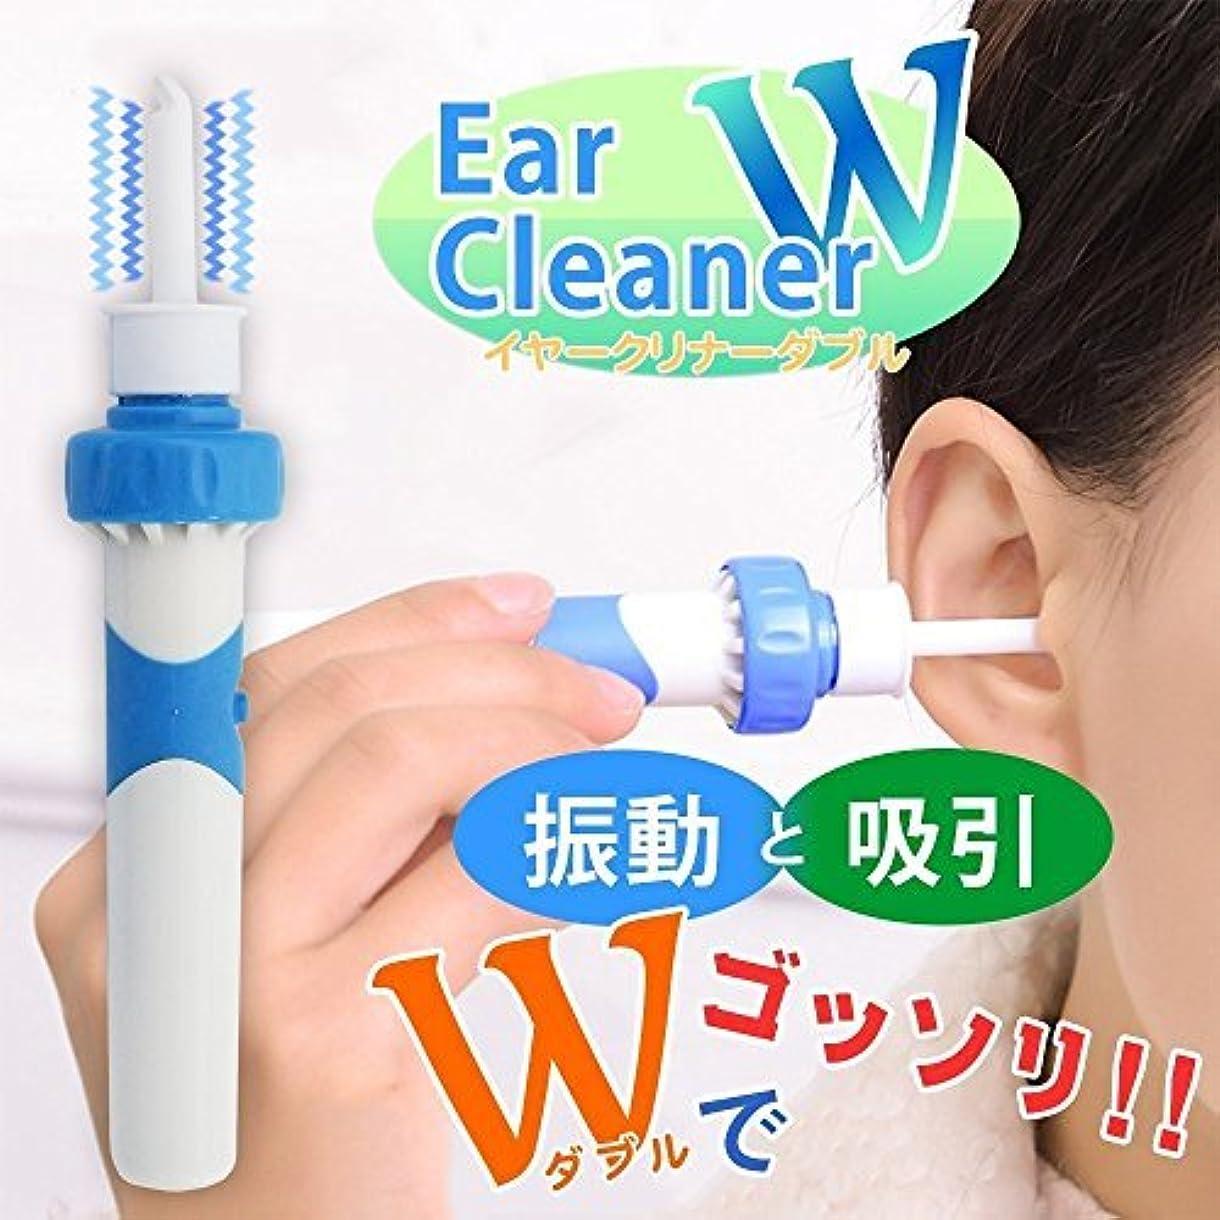 予想する例示する反対したCHUI FEN 耳掃除機 電動耳掃除 耳クリーナー 耳掃除 みみそうじ 耳垢 吸引 耳あか吸引